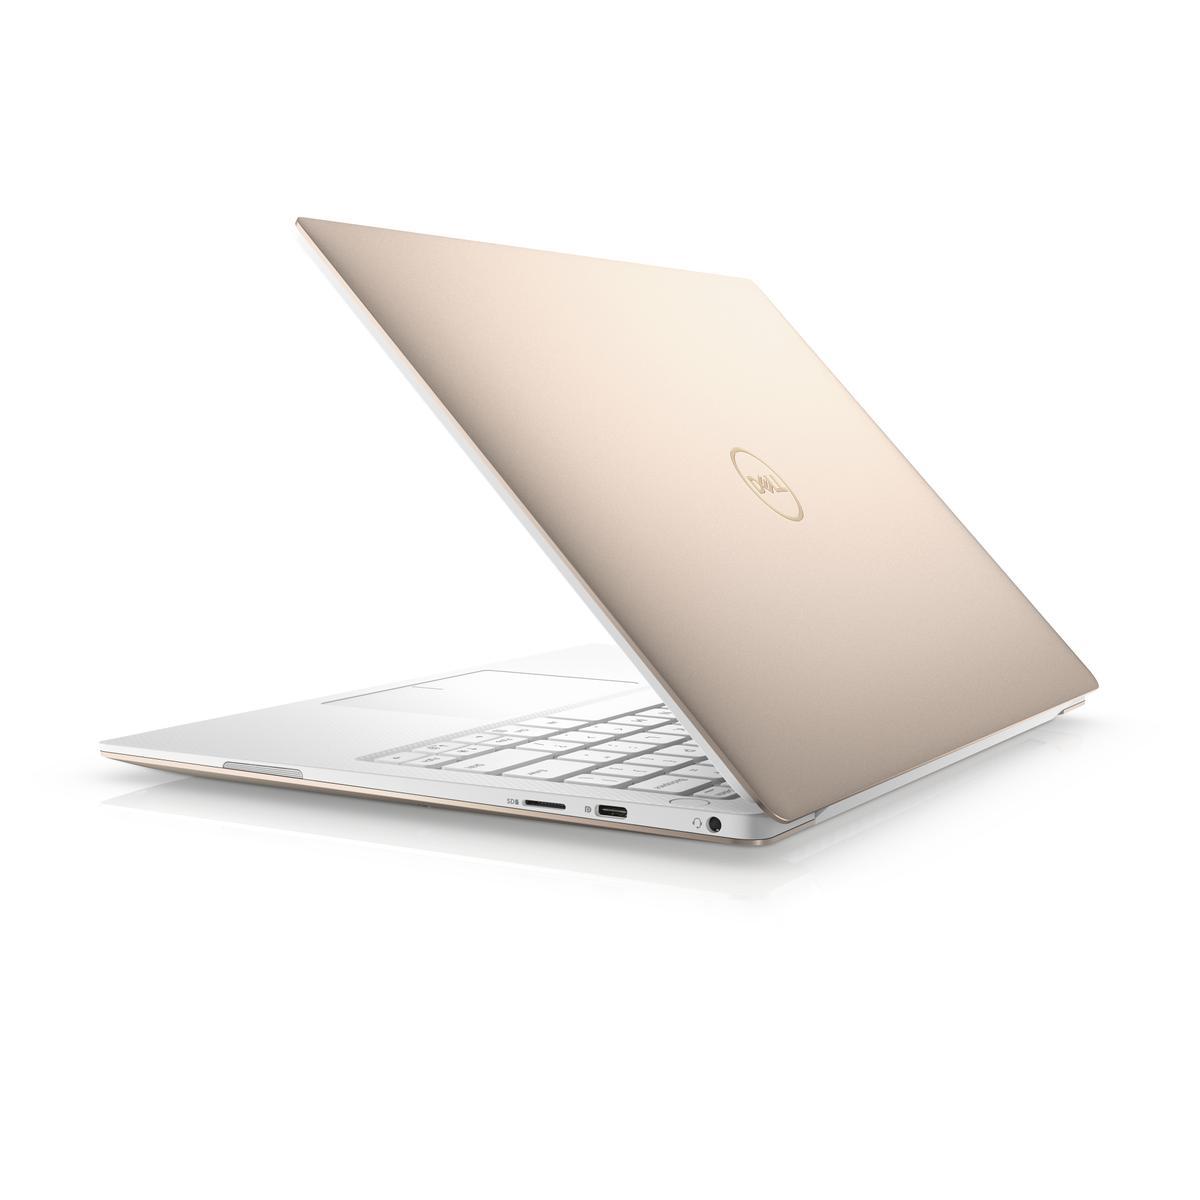 戴尔携全系XPS笔记本及多款显示器亮相主题沙龙